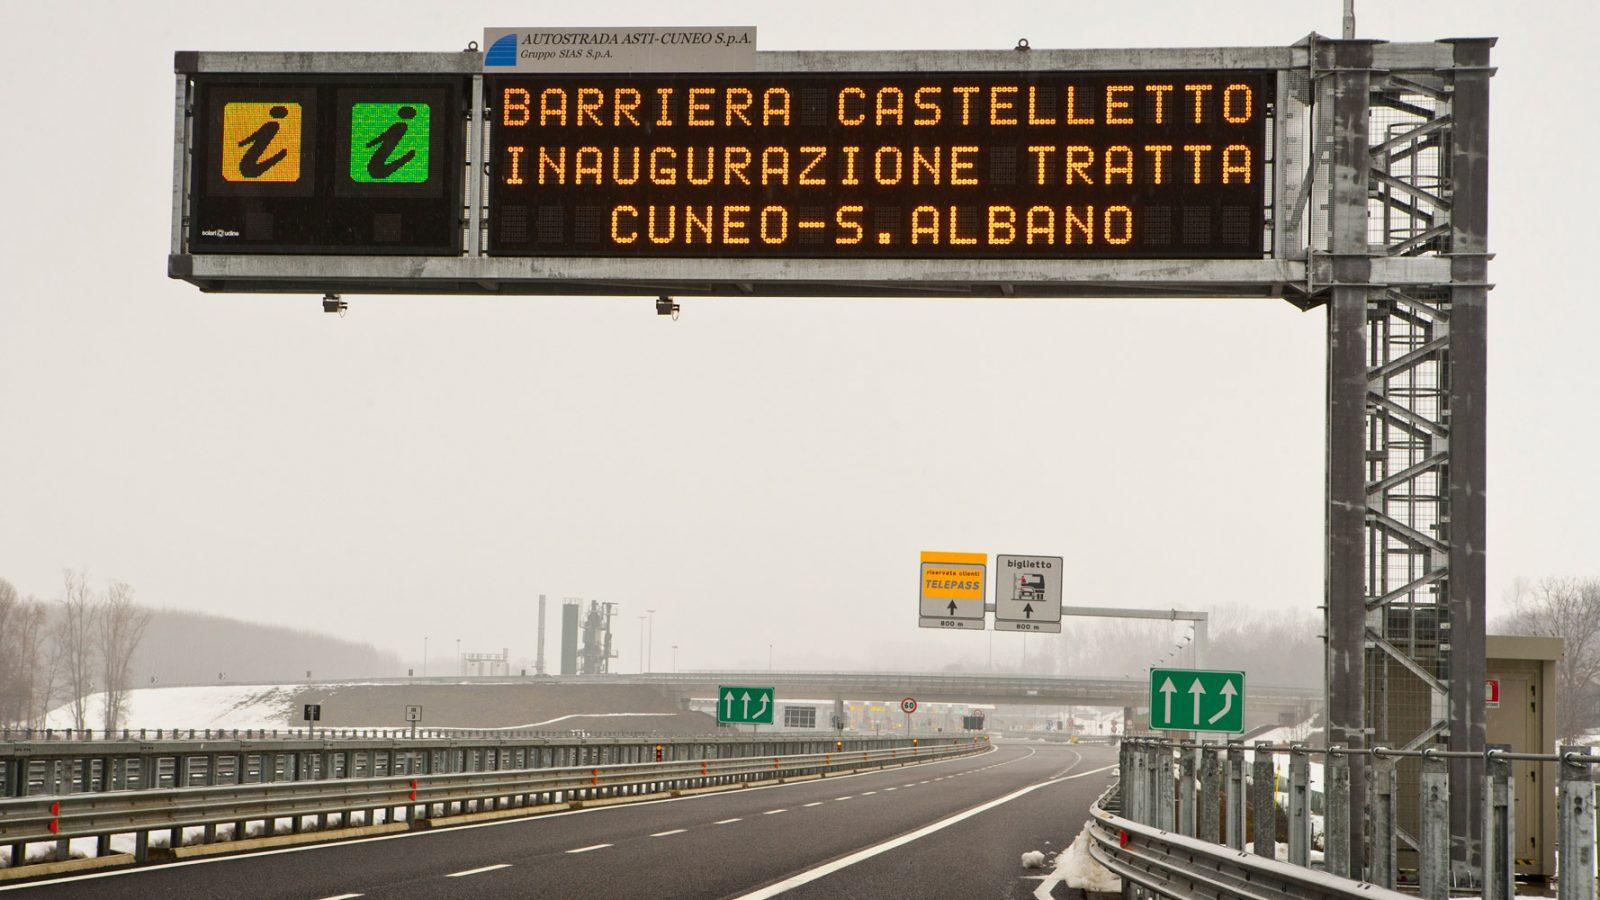 Apertura al traffico del tratto di 14 km dell'autostrada Asti-Cuneo compreso tra Cuneo e Sant'Albano Stura (Archivio storico Anas)